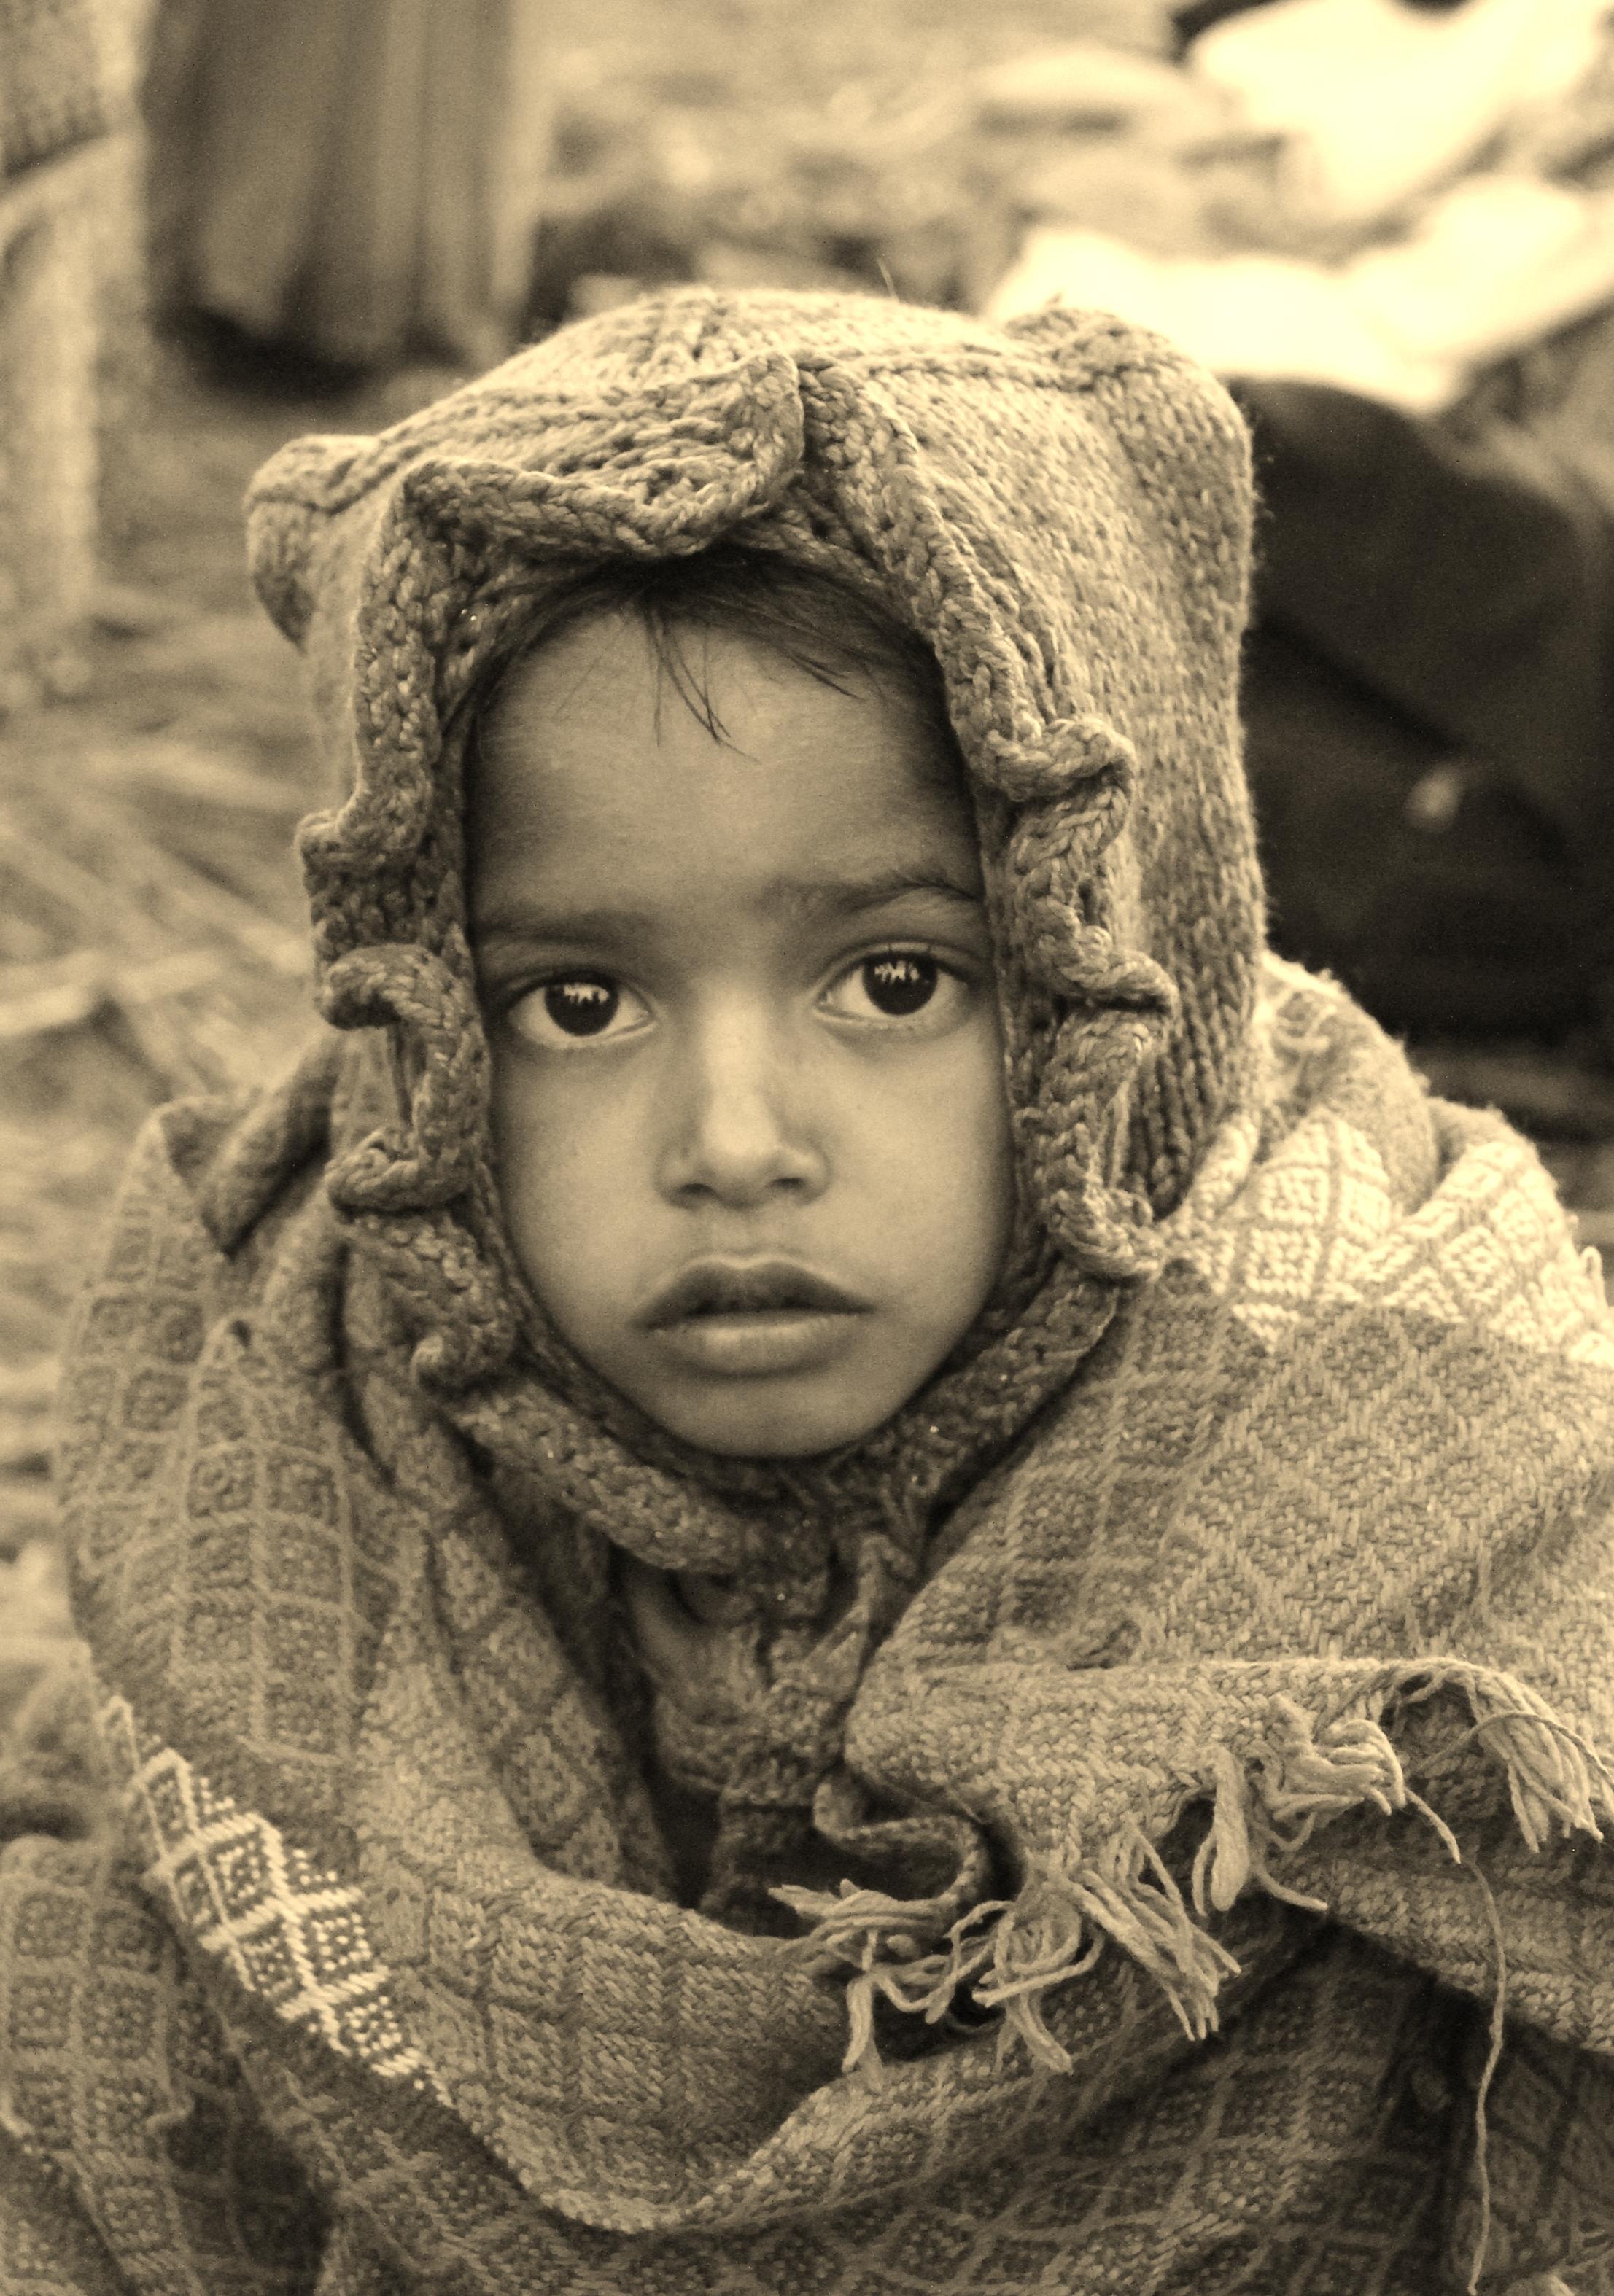 Kumbh Mela India - child wrapped up after early morning dunking